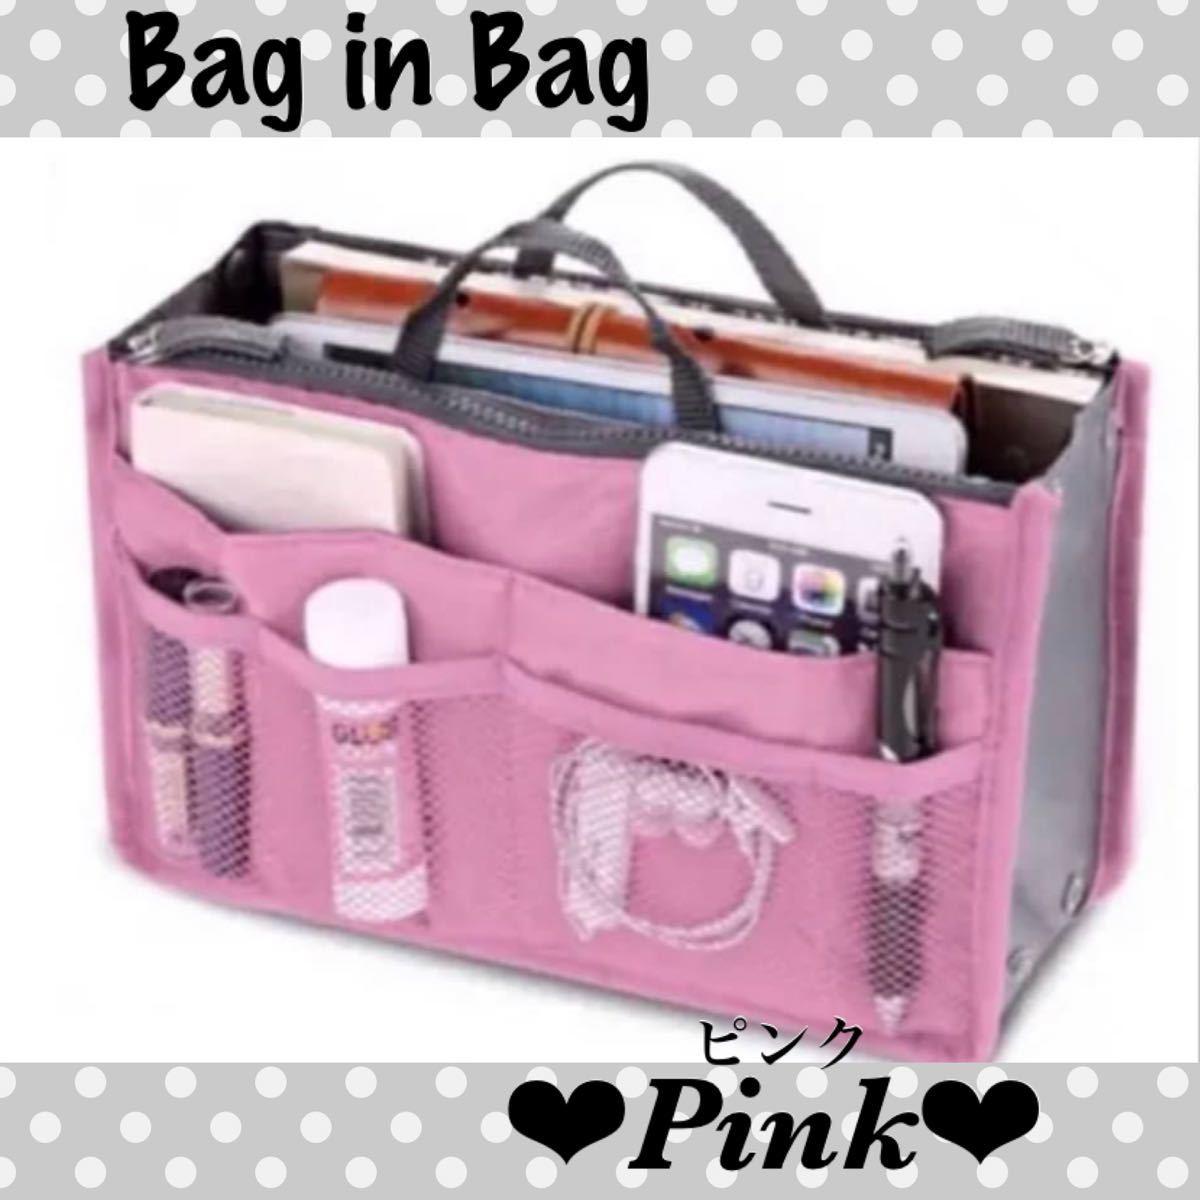 バッグインバッグ 化粧ポーチ インナーバッグ トラベルポーチ 小物収納 整理整頓 収納バッグ 便利グッズ